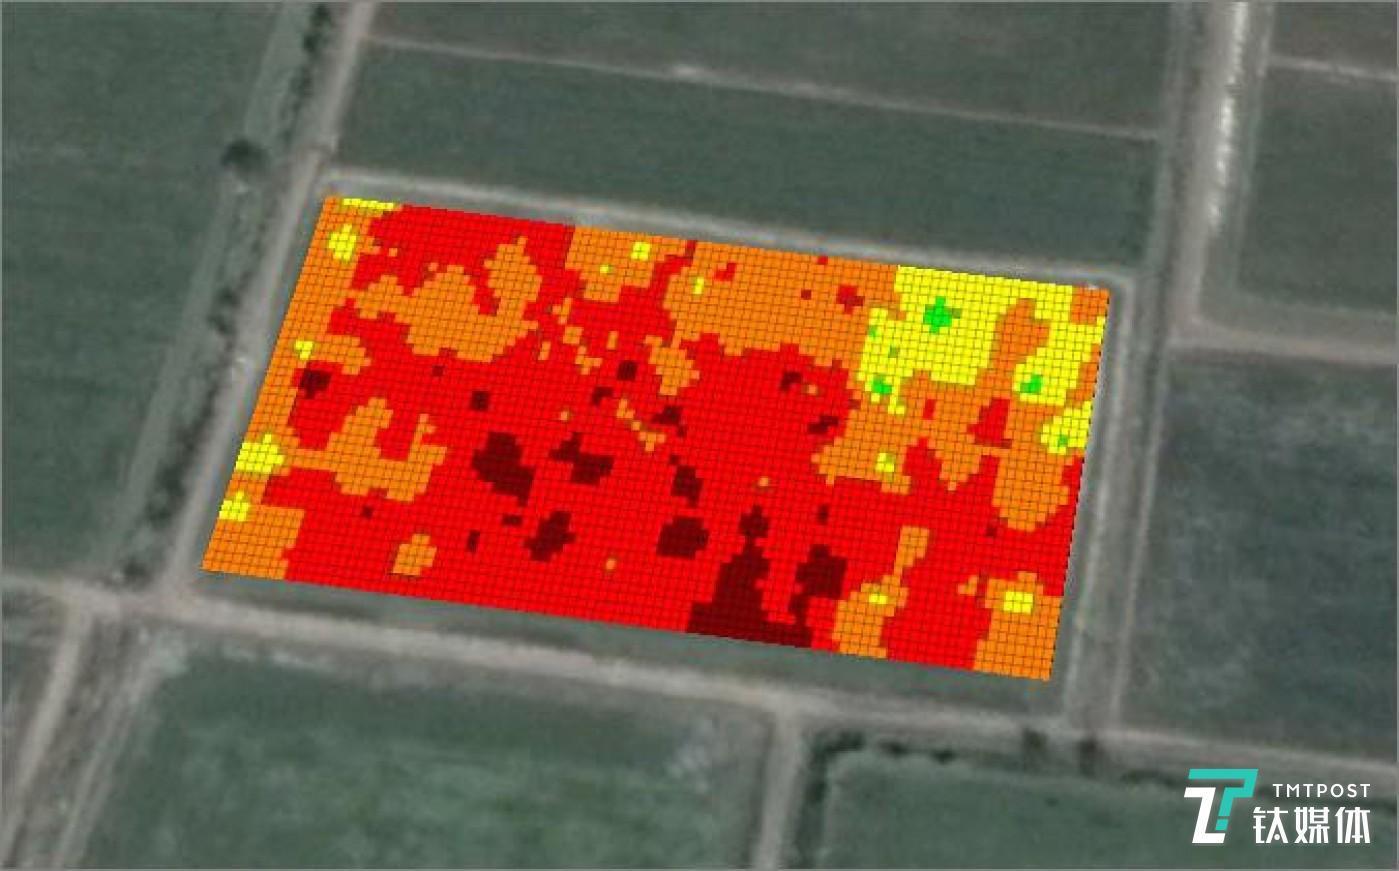 通过遥感技术,麦飞的监测机可以对农田病虫害情况进行识别,其中绿色就代表作物健康,